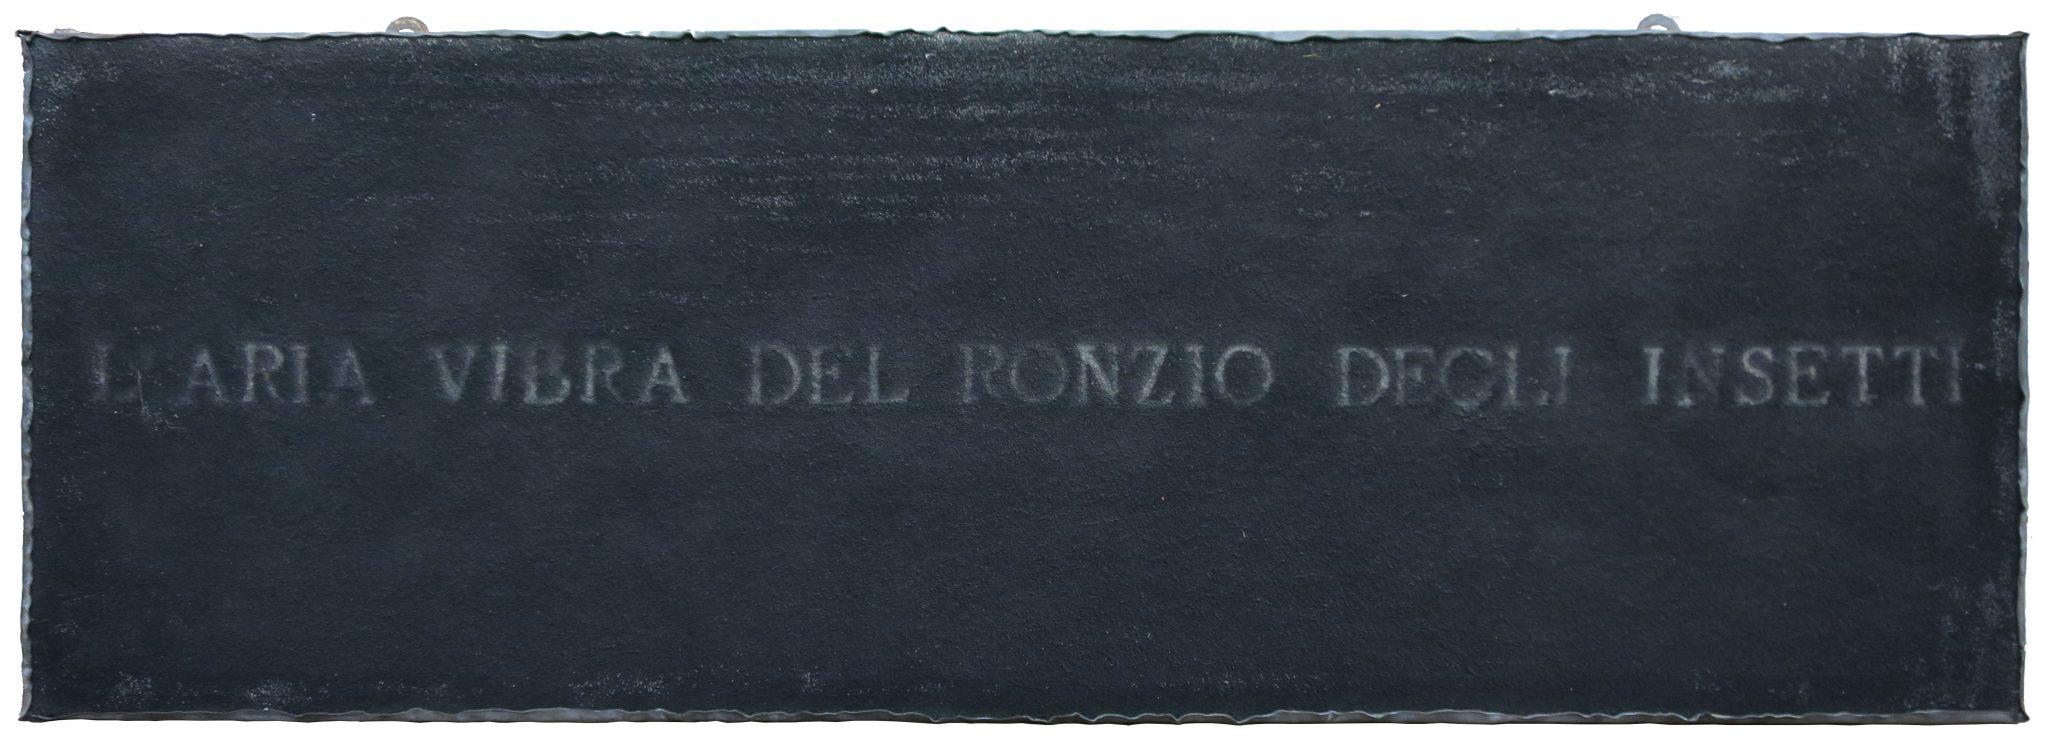 Calzolari senza-titolo-1977 Biquadro